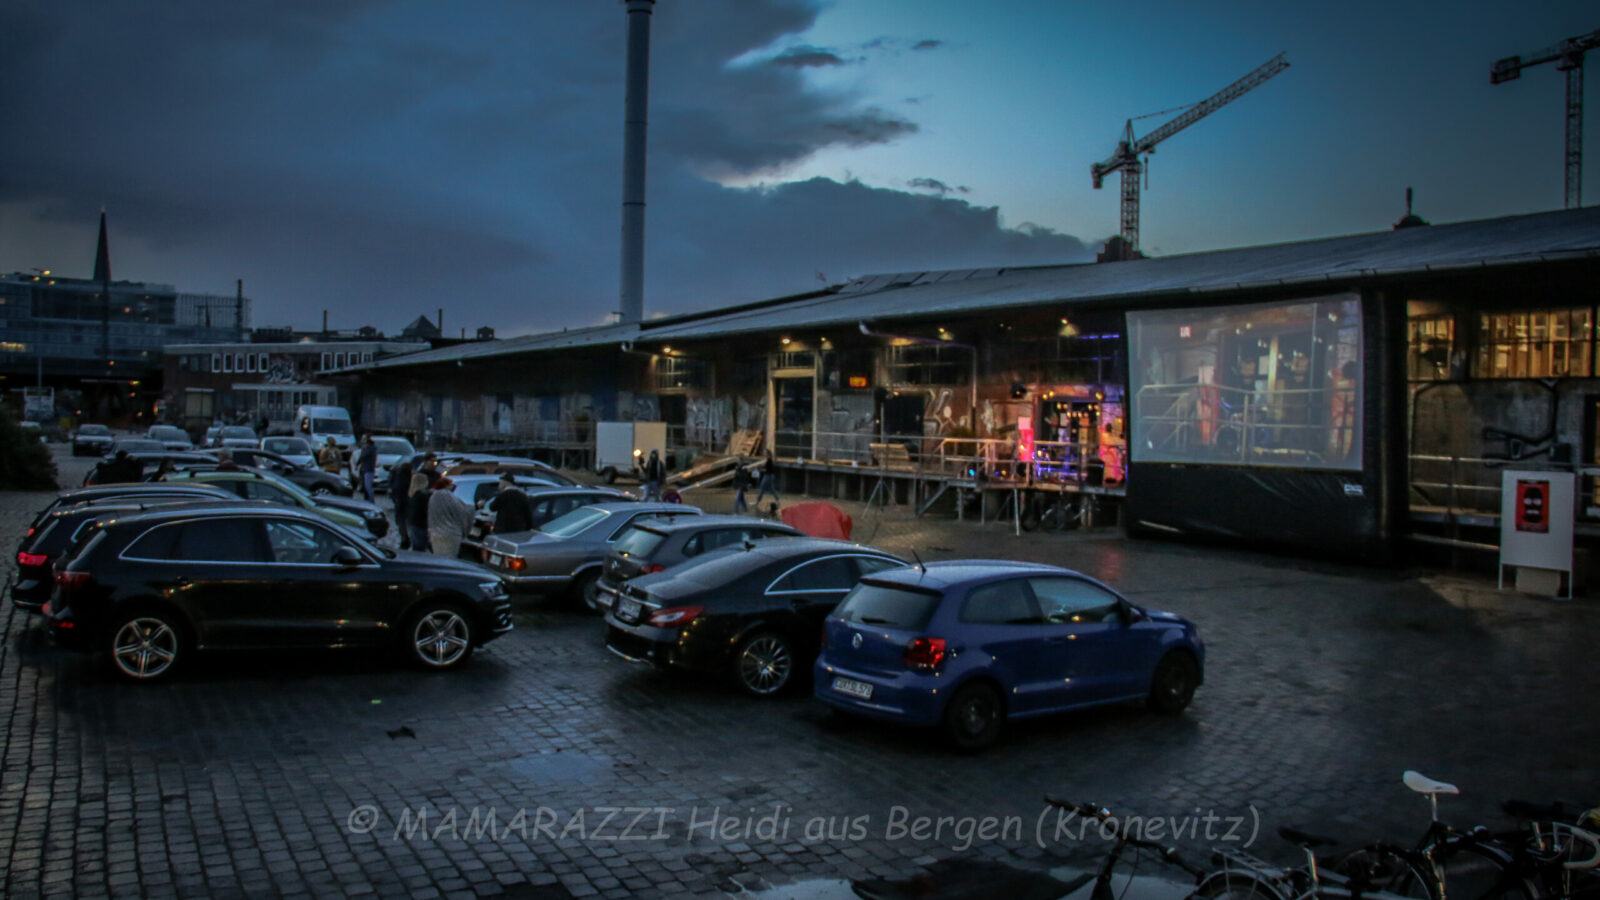 Livemusik im Autokino im Hamburger Oberhafen